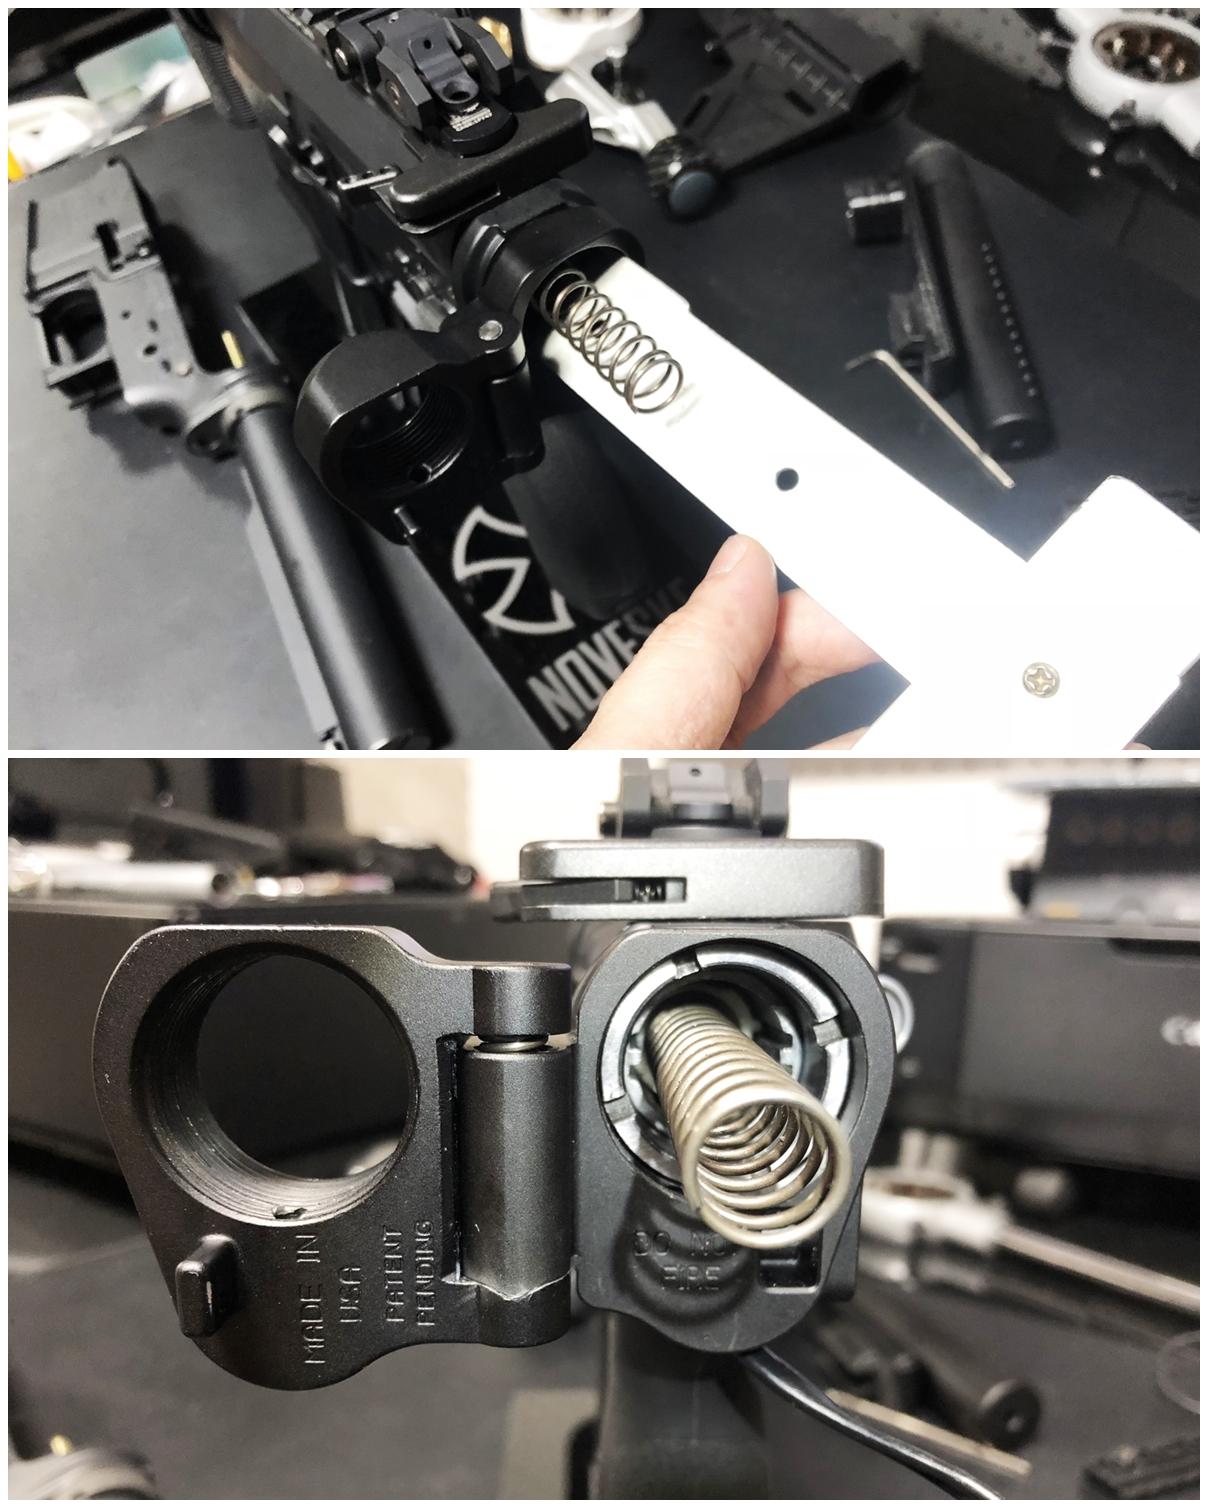 29 次世代 M4 CQB-R 電動ガン 実物 KAK ストック 取付 改造 カスタム 大作戦 第五弾!! やっと加工を再開!! 実銃 ストックパイプ AR フォールディング アダプター ダイス ネジ タップ 切り 加工 仮組 取付 道具 購入